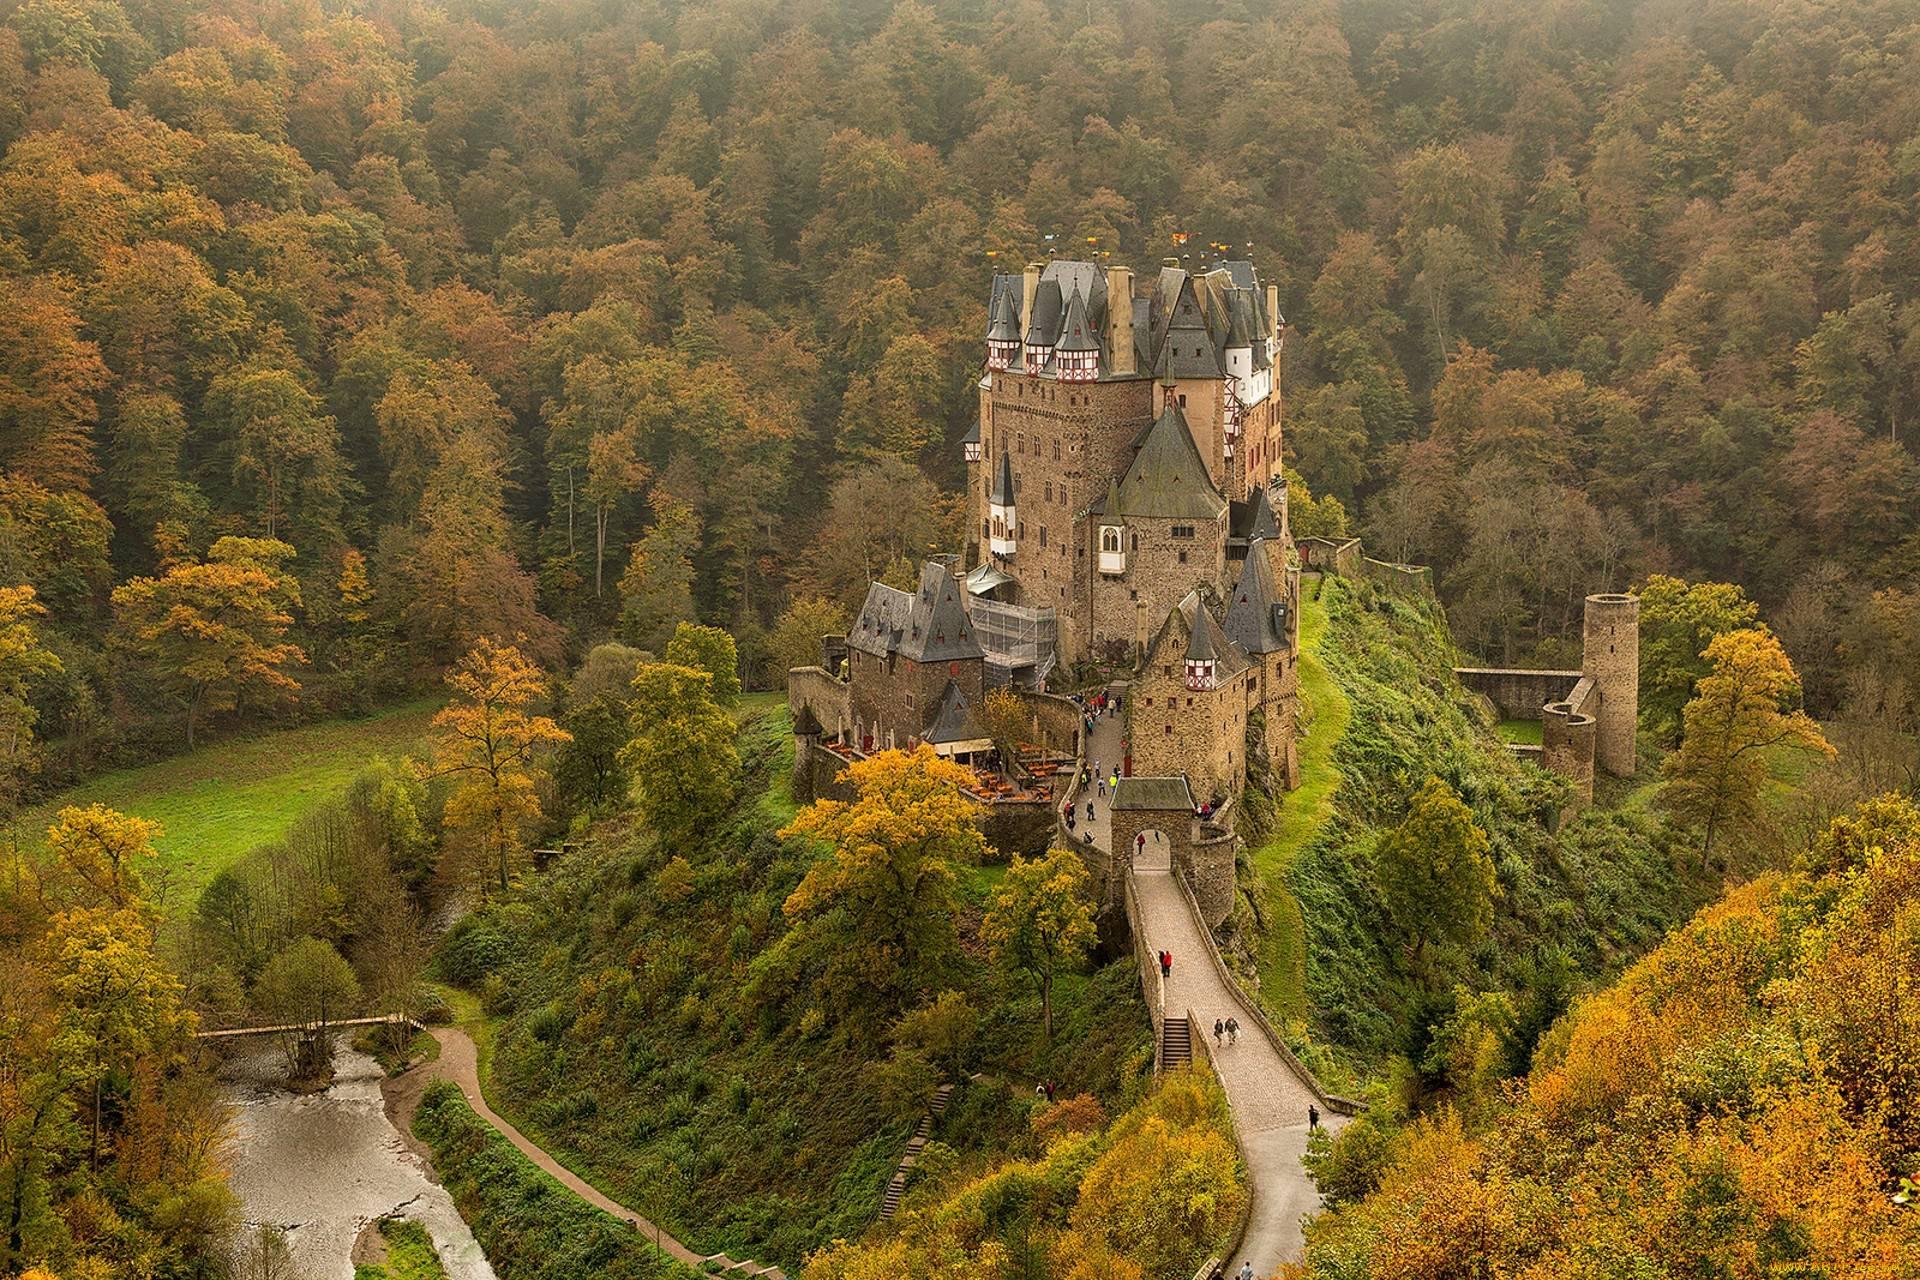 Замок эльц в германии: история, как добраться, фотографии замка